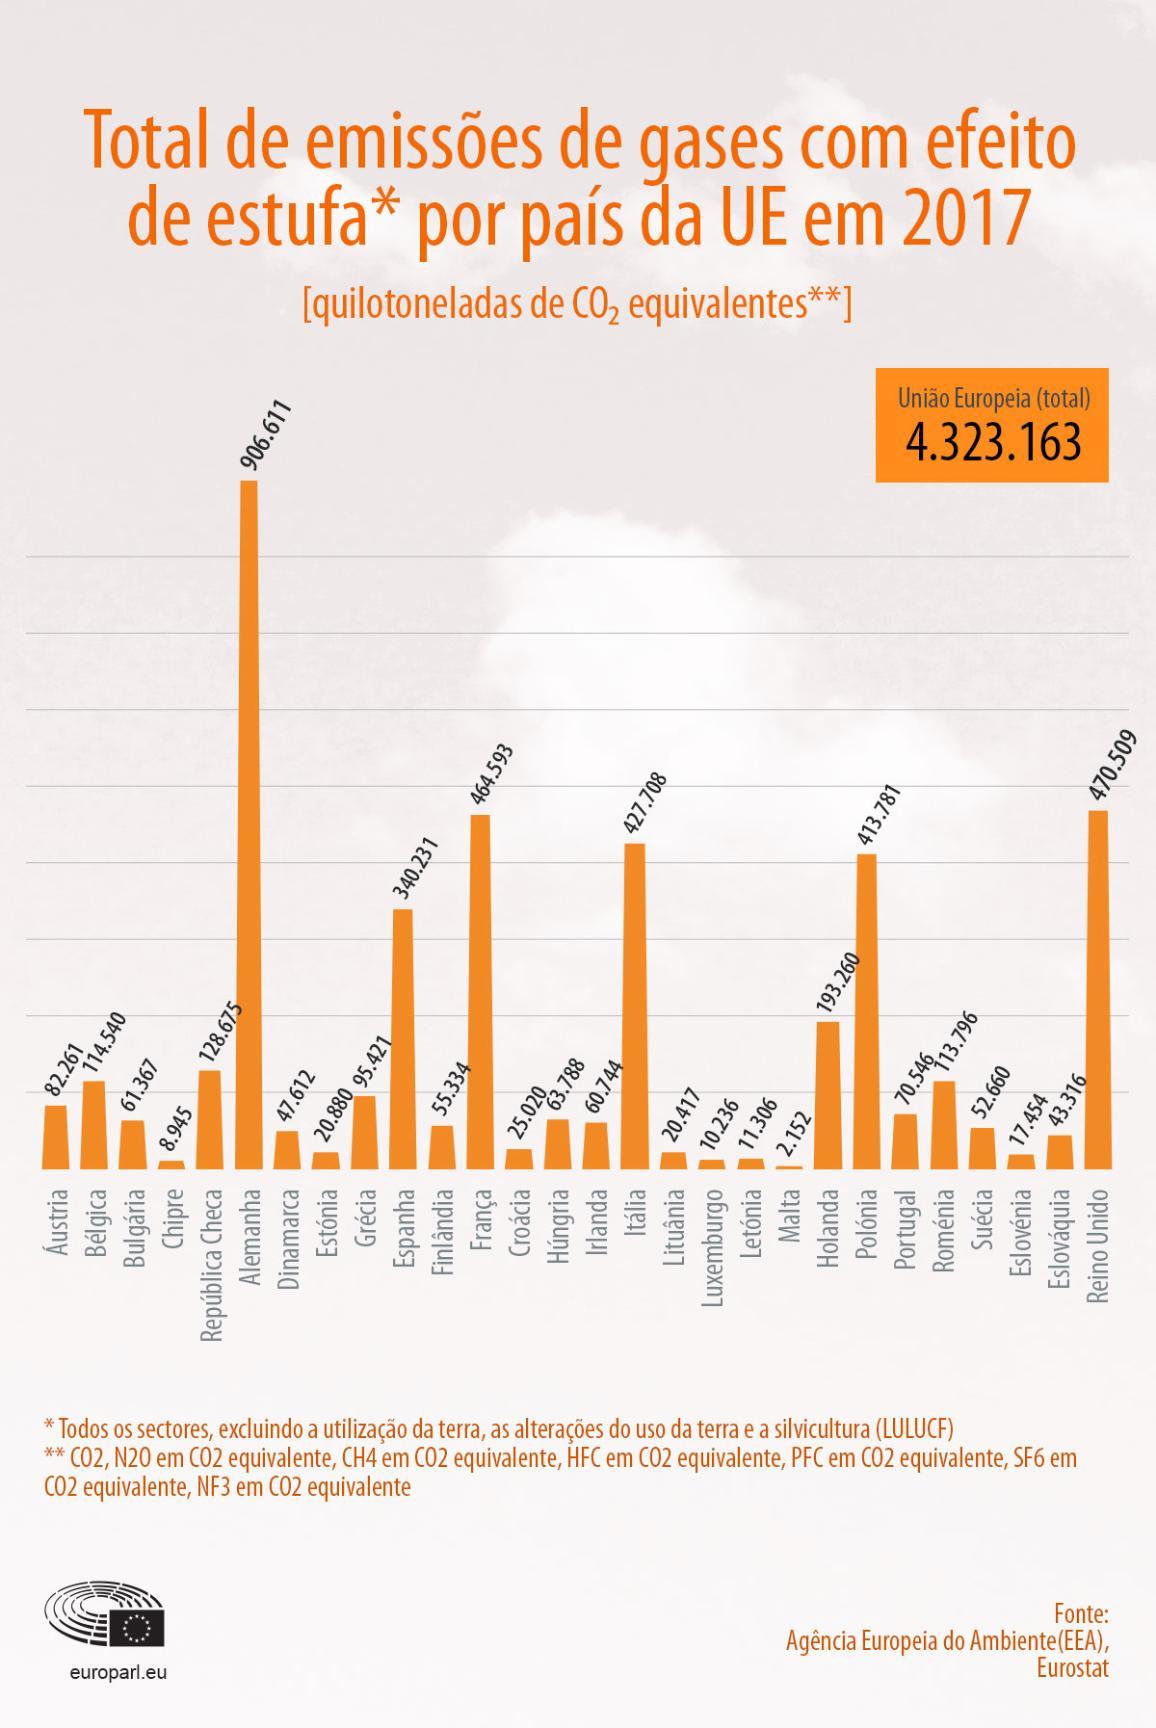 Infografia: Emissões totais de gases com efeito de estufa por Estado-Membro em 2017